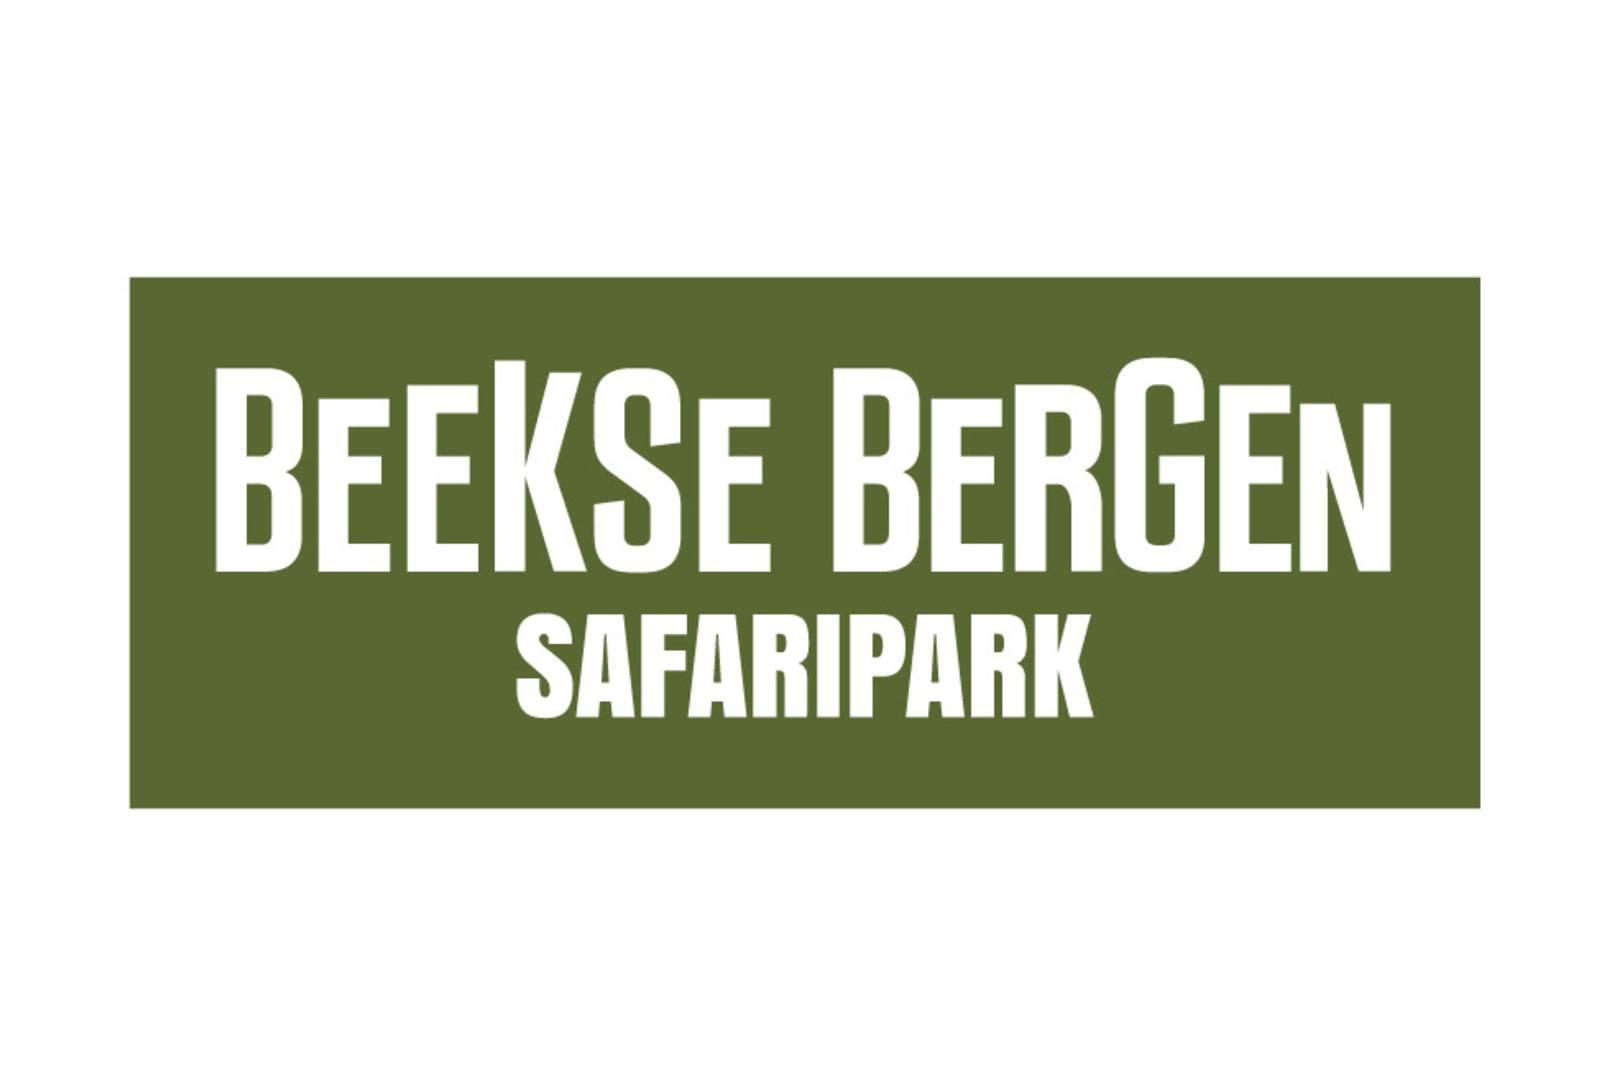 Alle 4 Safaripark Beekse Bergen kortingscodes geldig in mei 2019